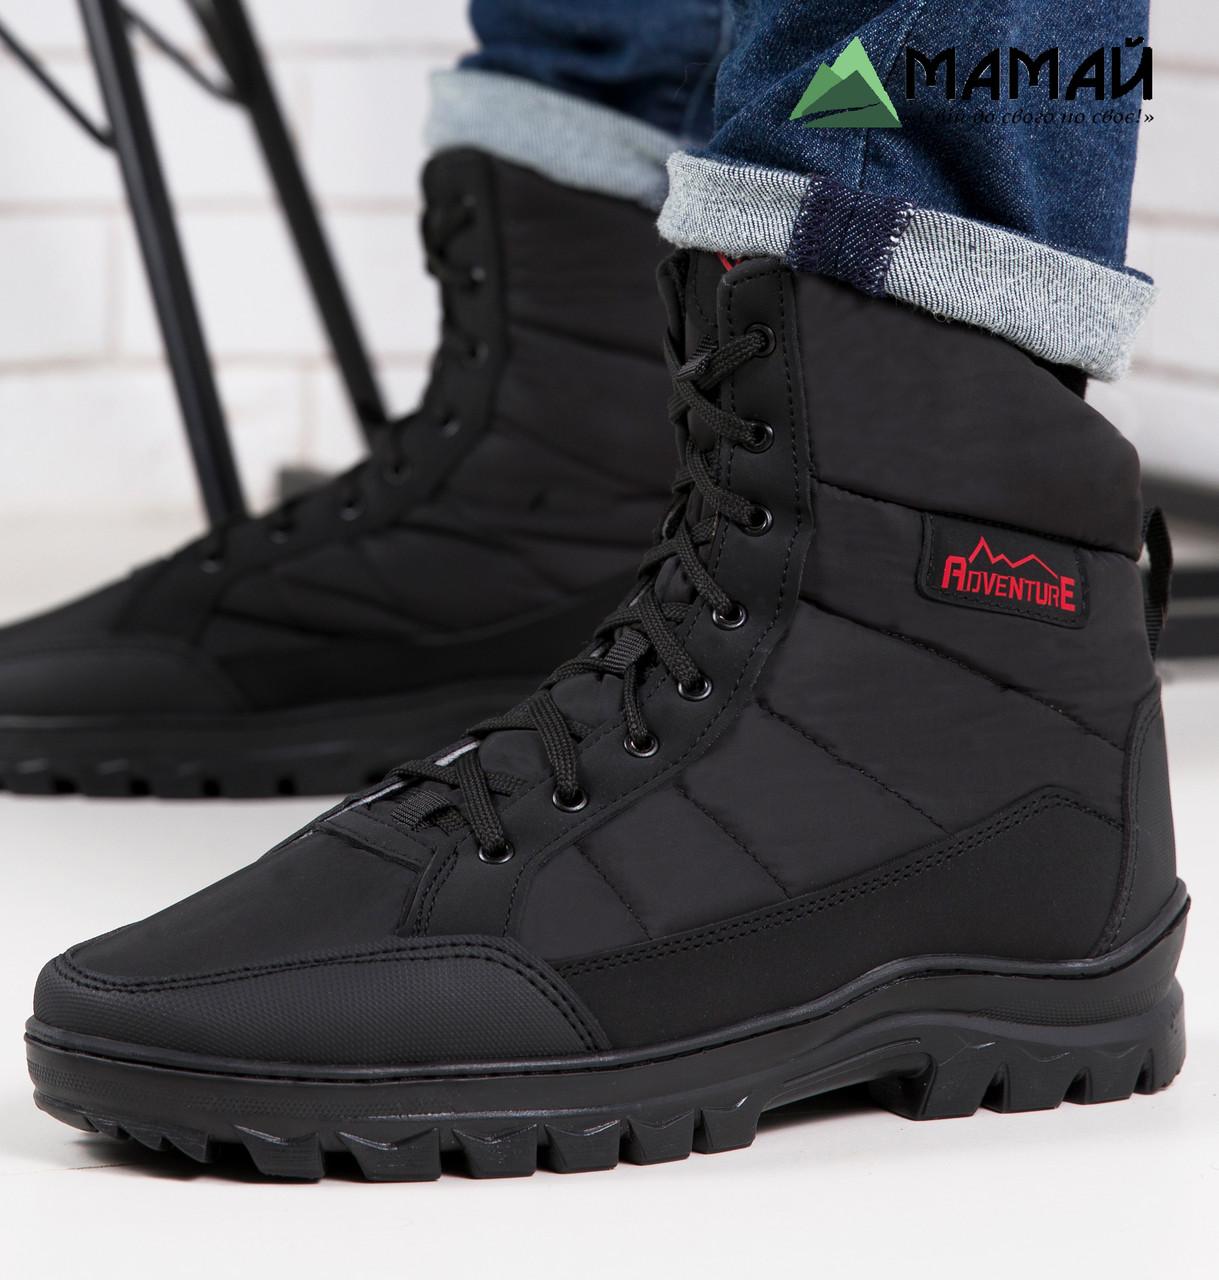 Ботинки мужские высокие -20 °C